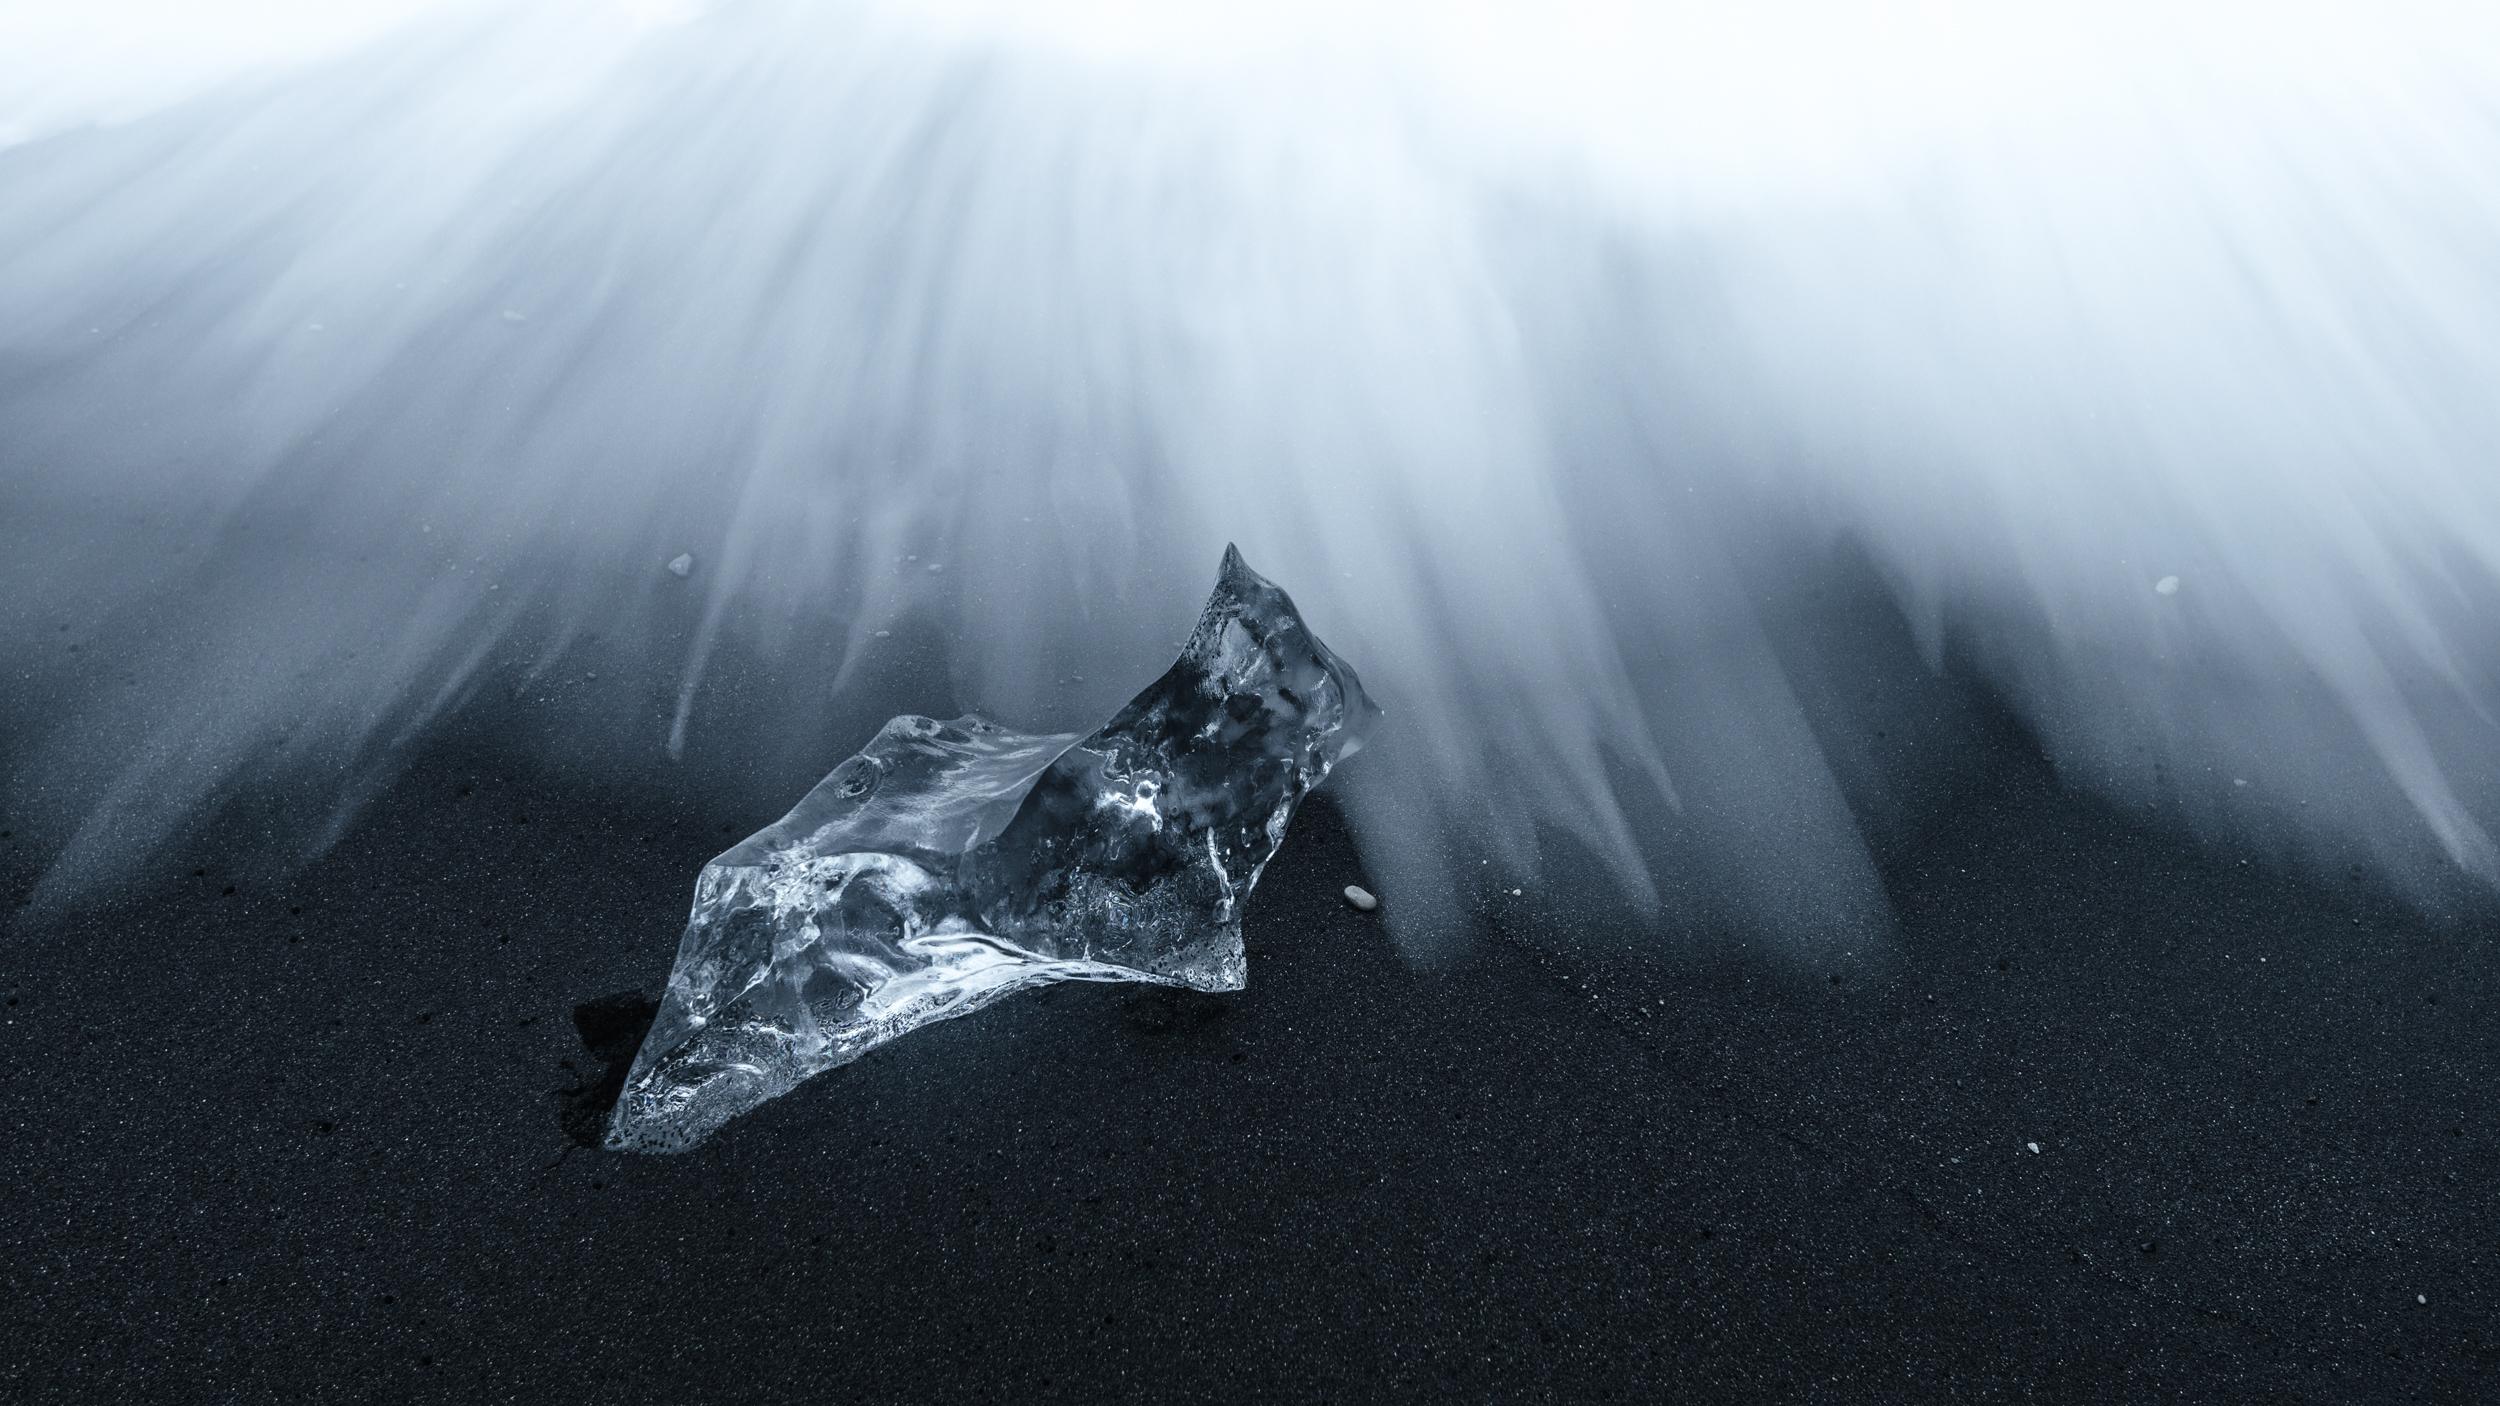 A small chunk of ice on the black sand beach of Jökulsárlón, Iceland.